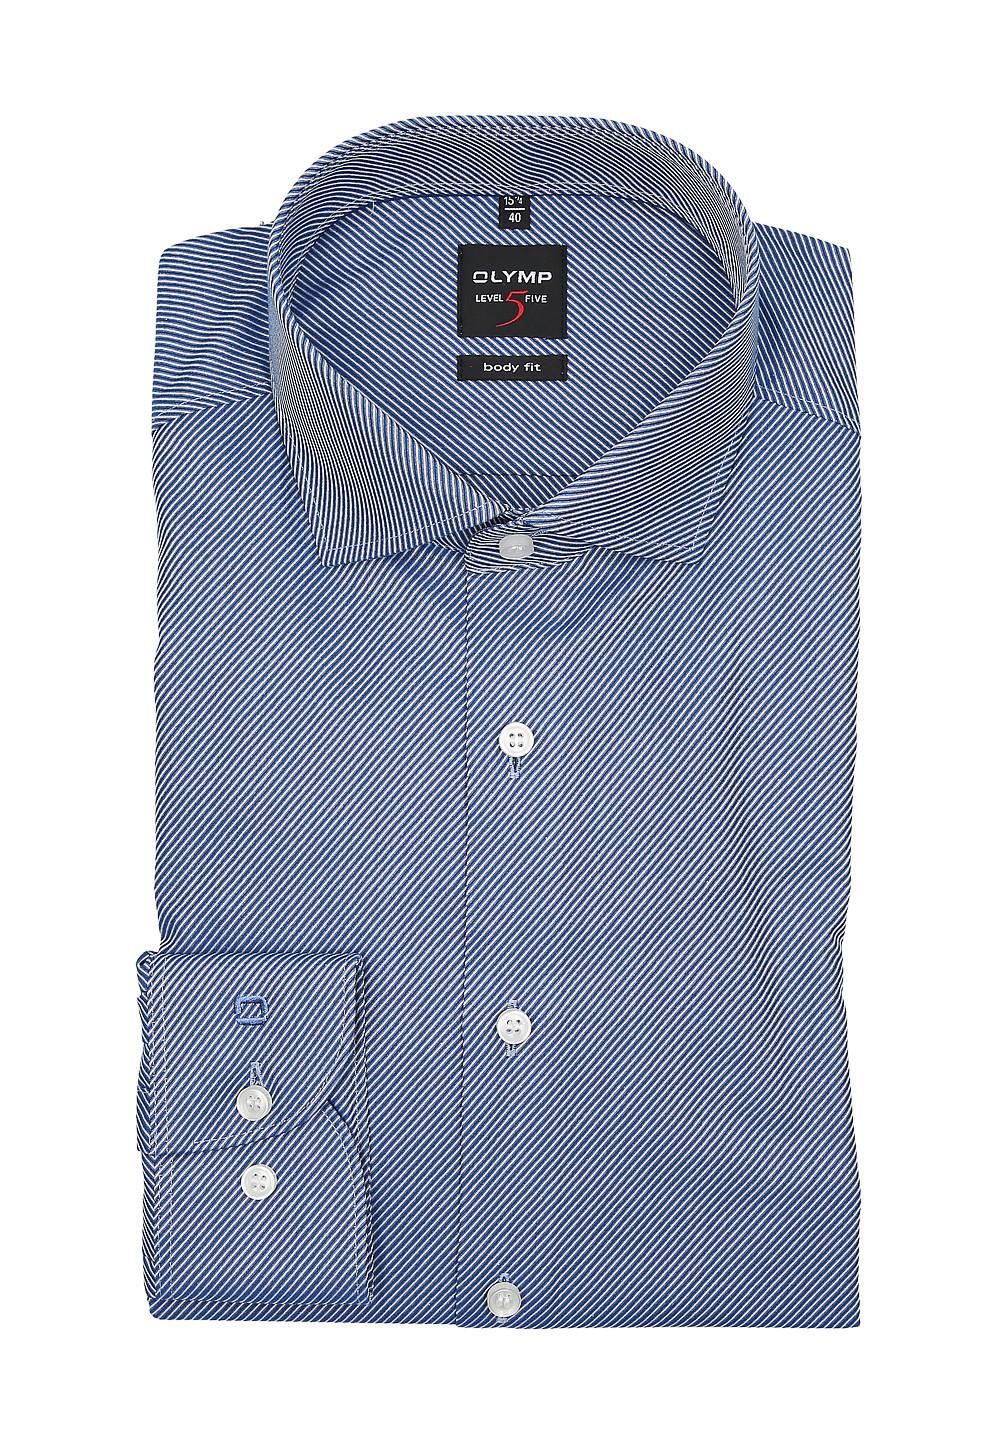 Nur heute Hemden von Olymp in verschiedenen Farben für 26,99€ @Brands4Friends